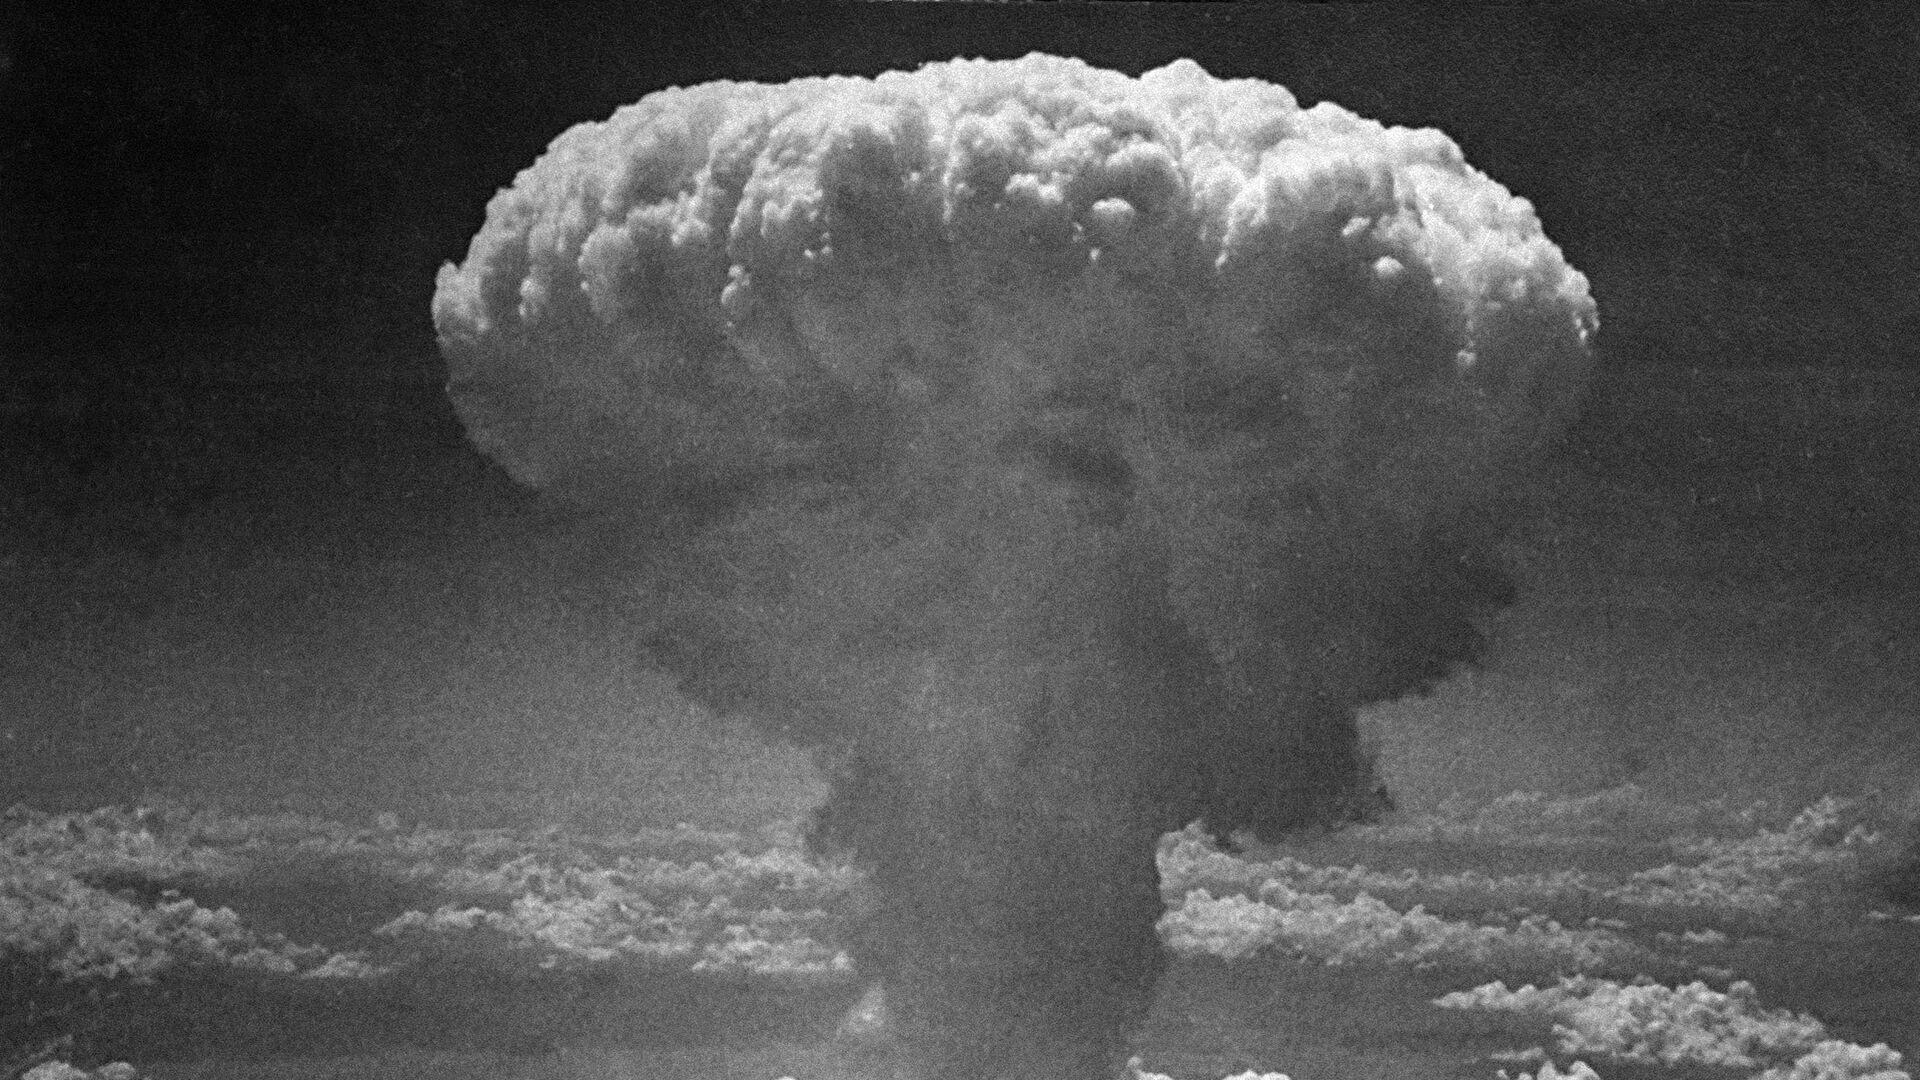 Облако от атомного взрыва над Нагасаки, Япония. 9 августа 1945 - РИА Новости, 1920, 27.08.2020